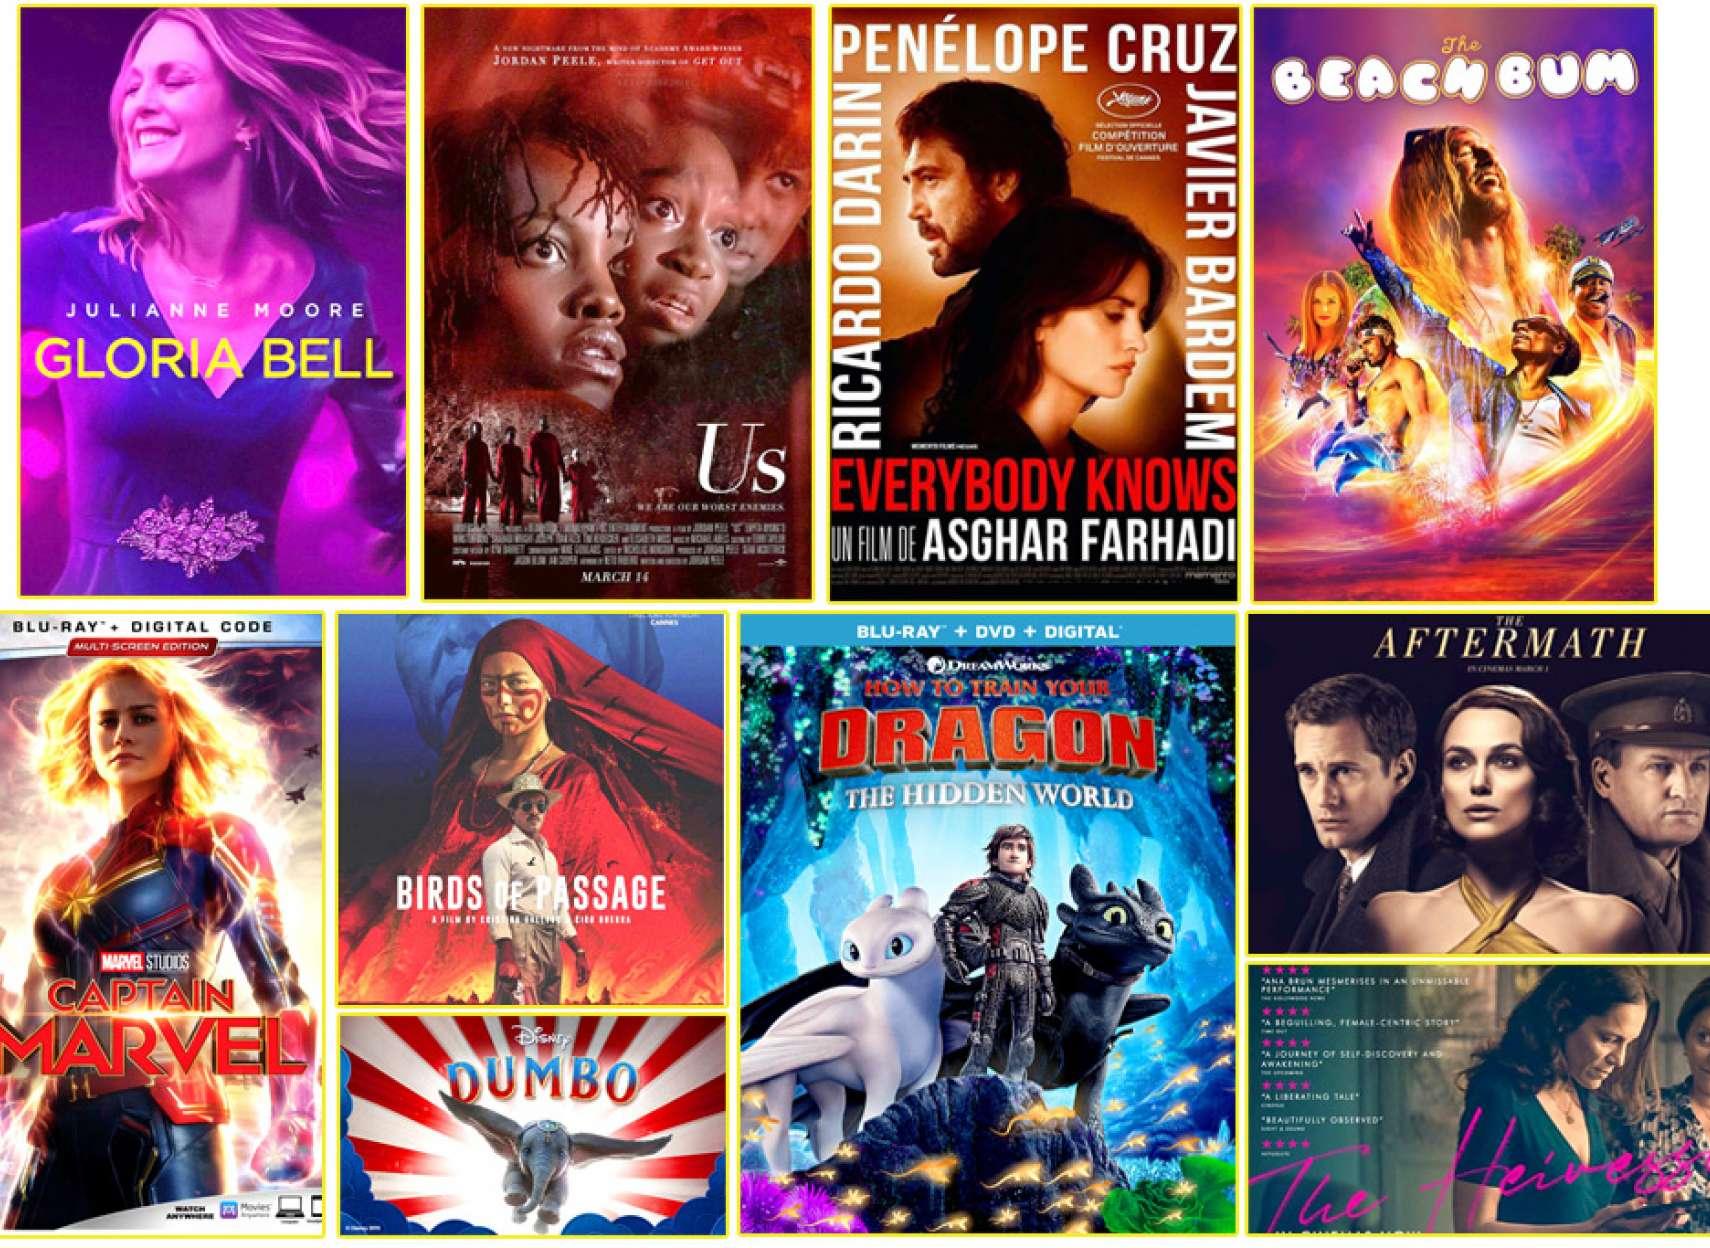 هنری-فیلم-های-خوب-سال-2019-که-باید-ببینید